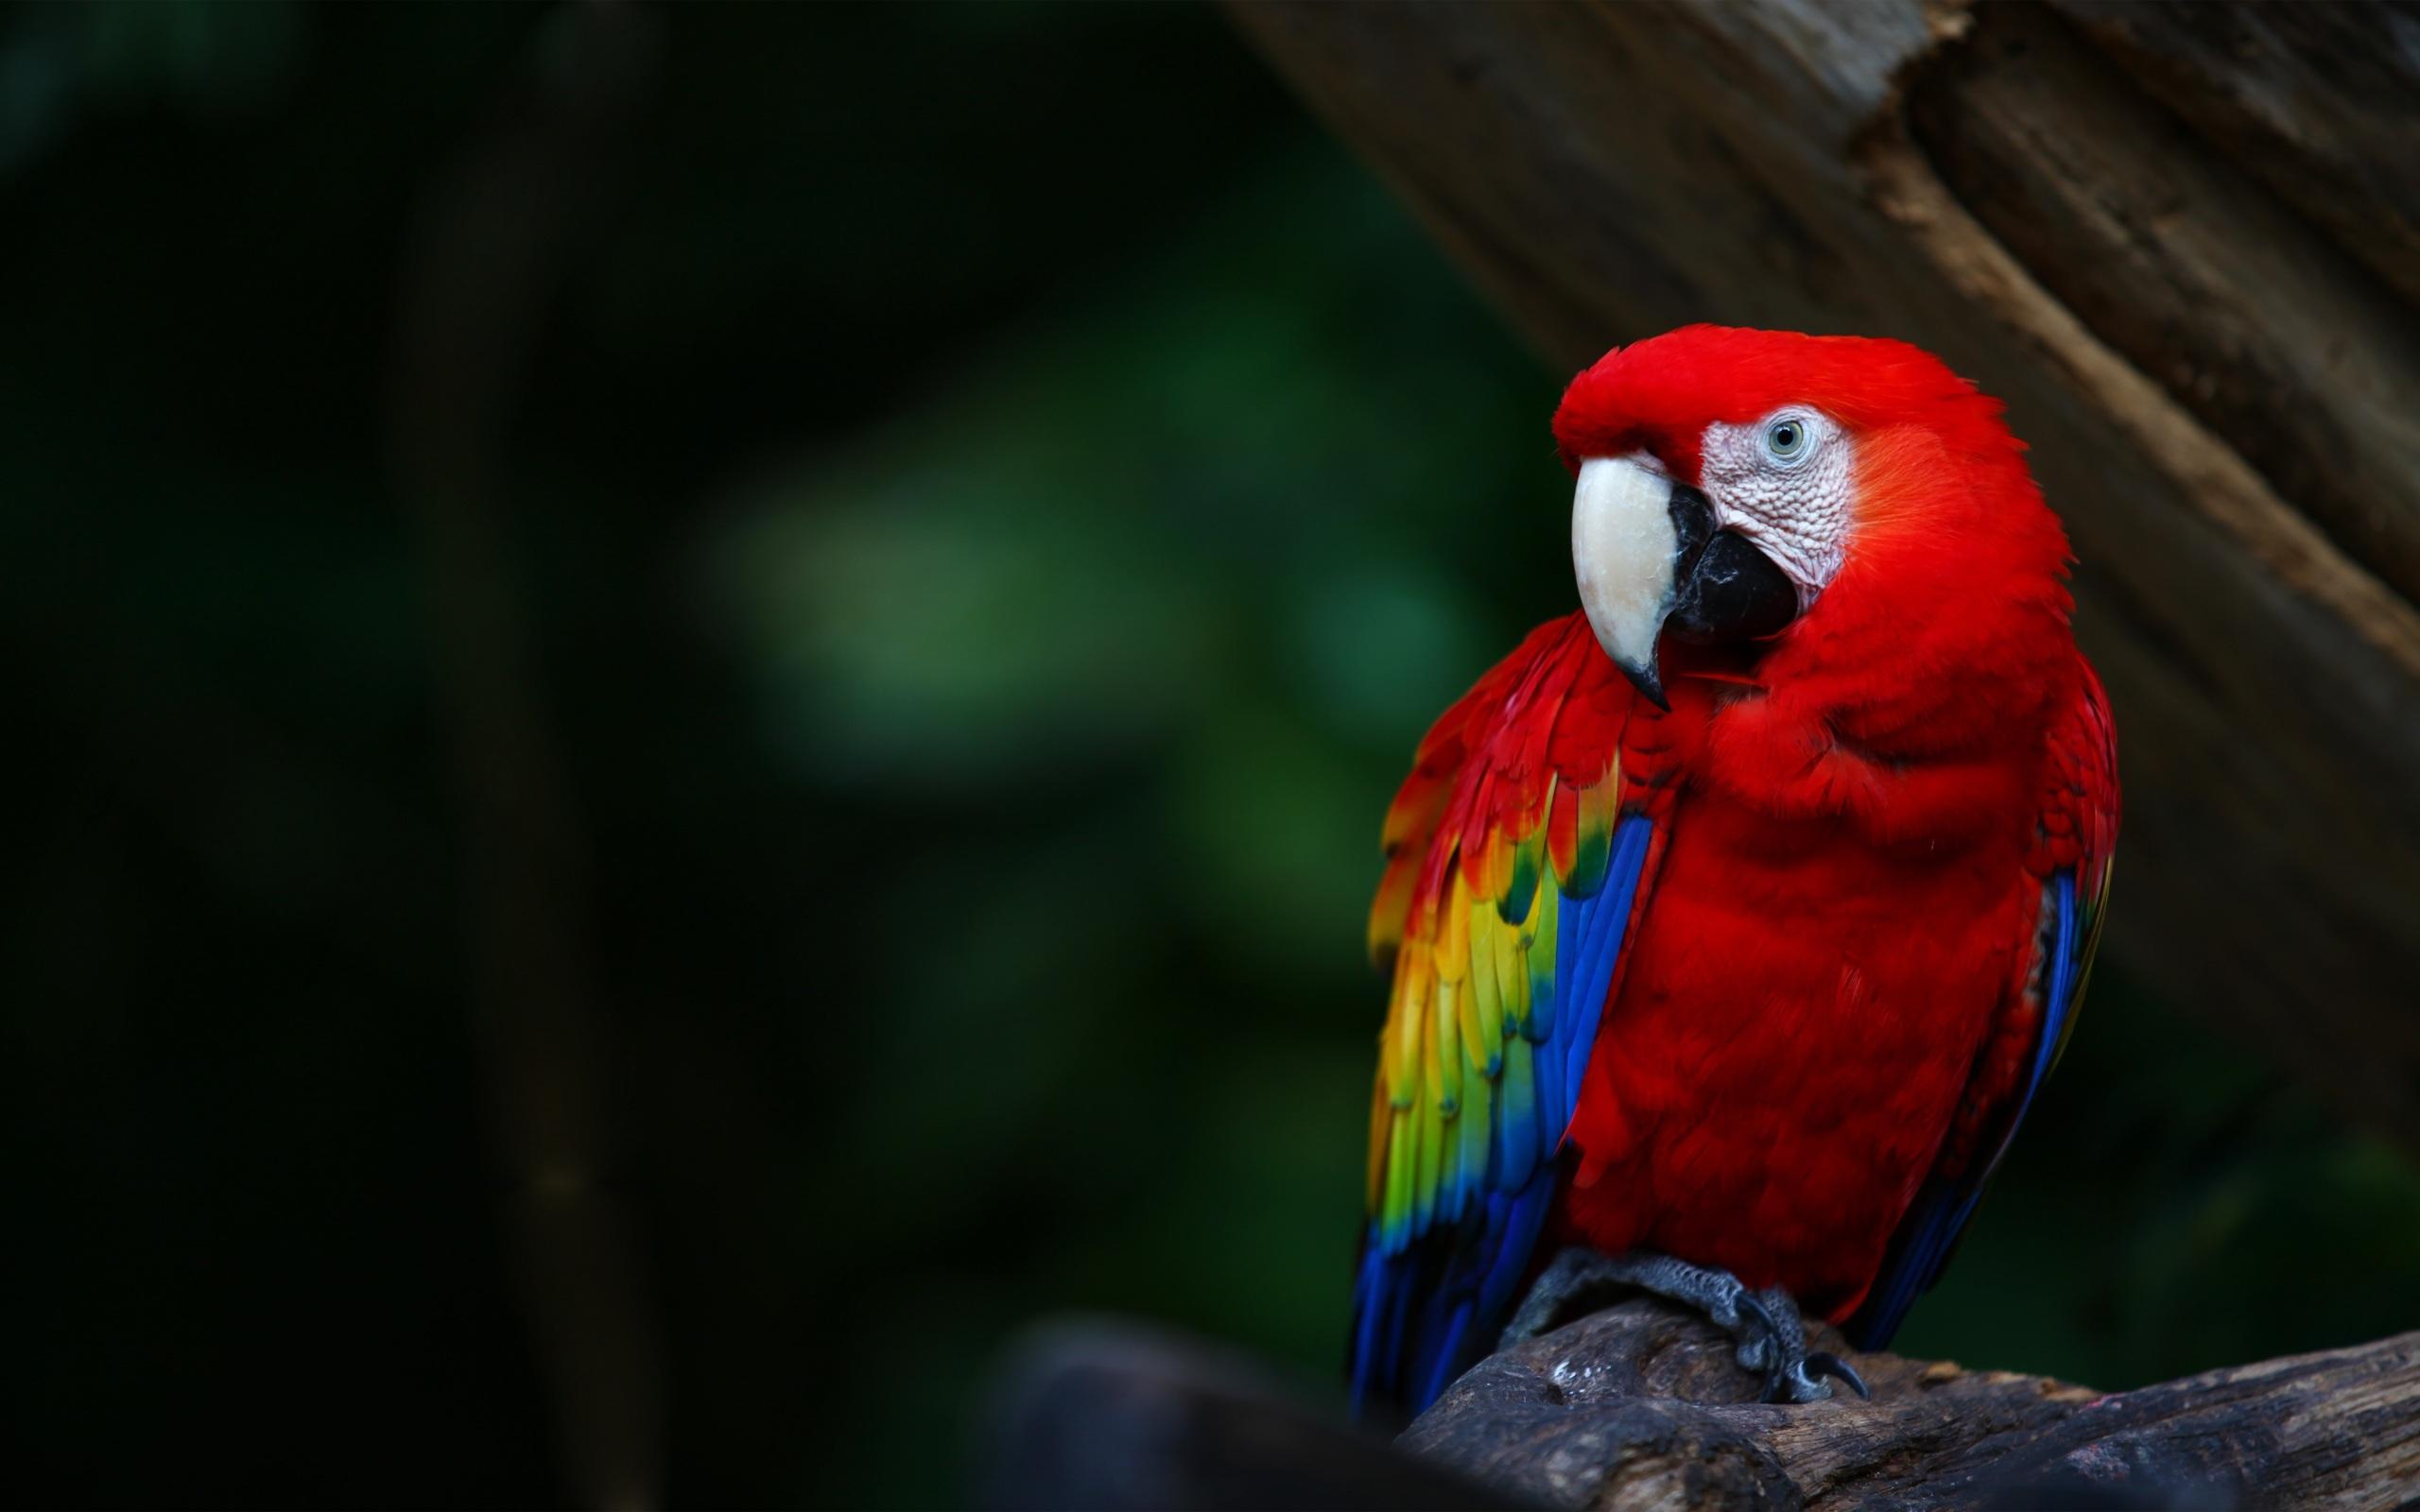 ... Parrot Wallpaper · Parrot Wallpaper